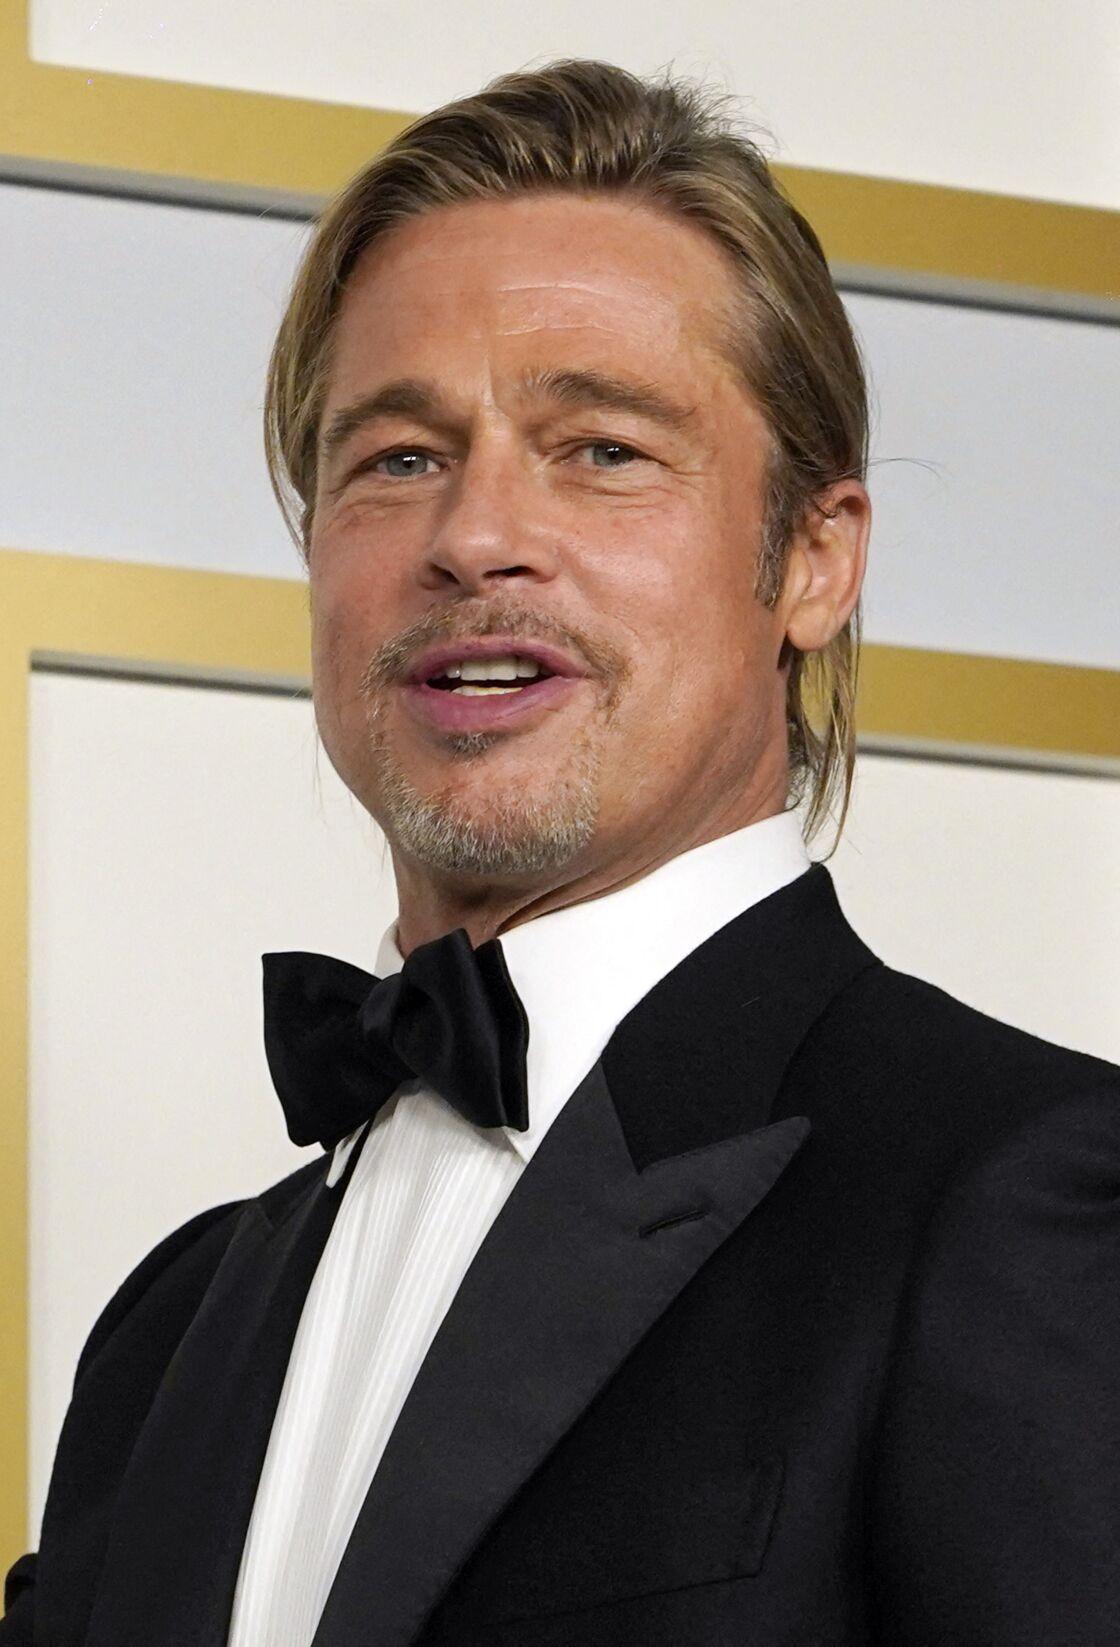 Brad Pitt renoue avec les cheveux longs et le chignon lors des Oscars 2021